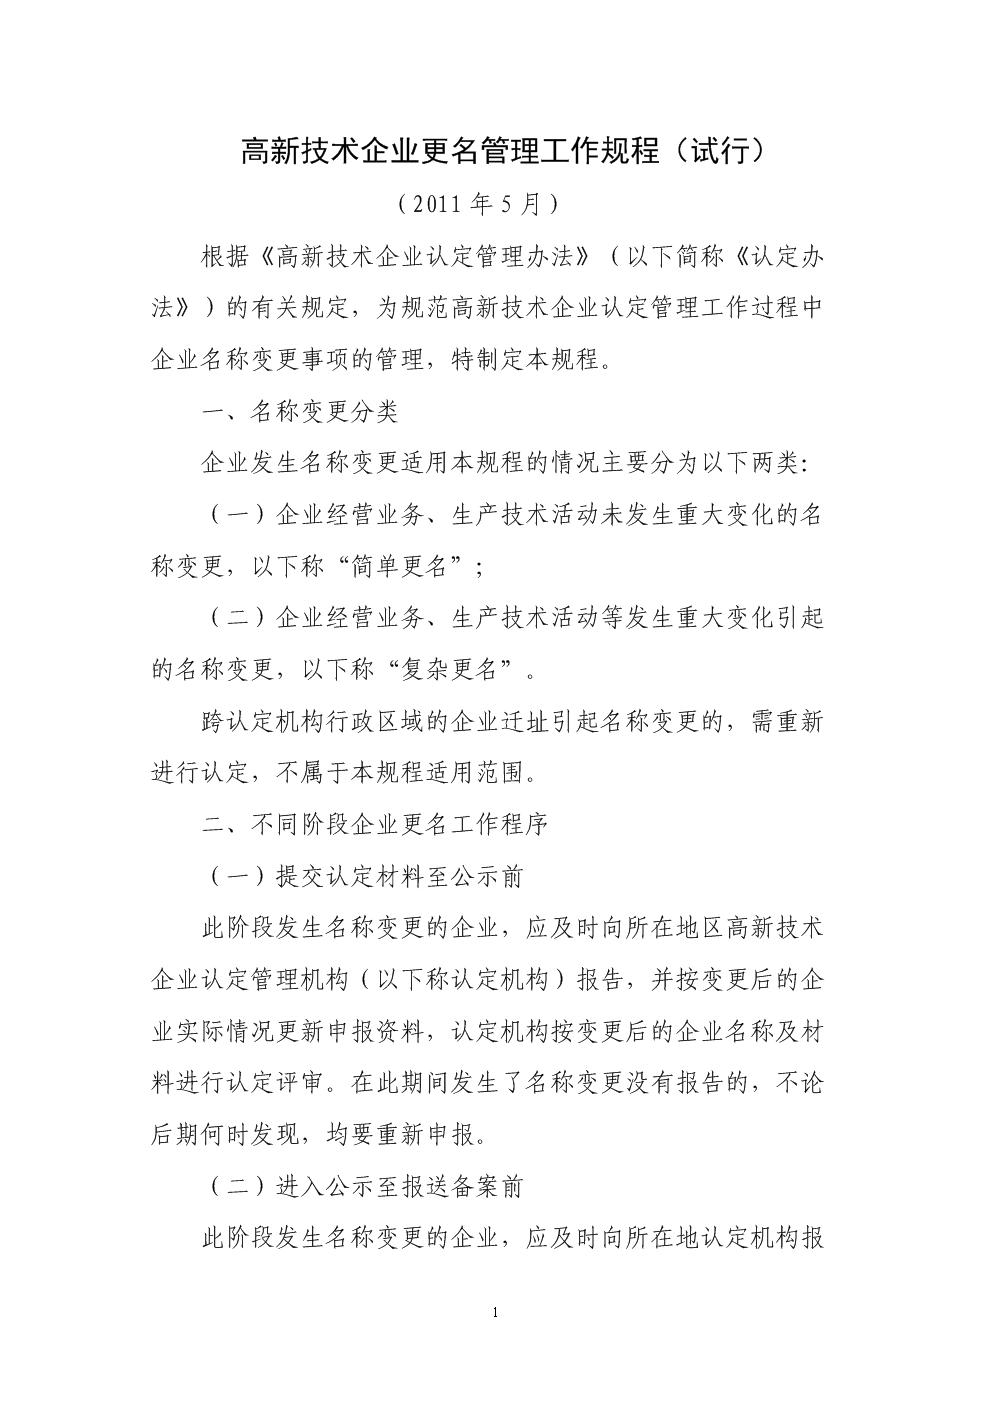 高新技术企业更名管理工作规程(试行).doc